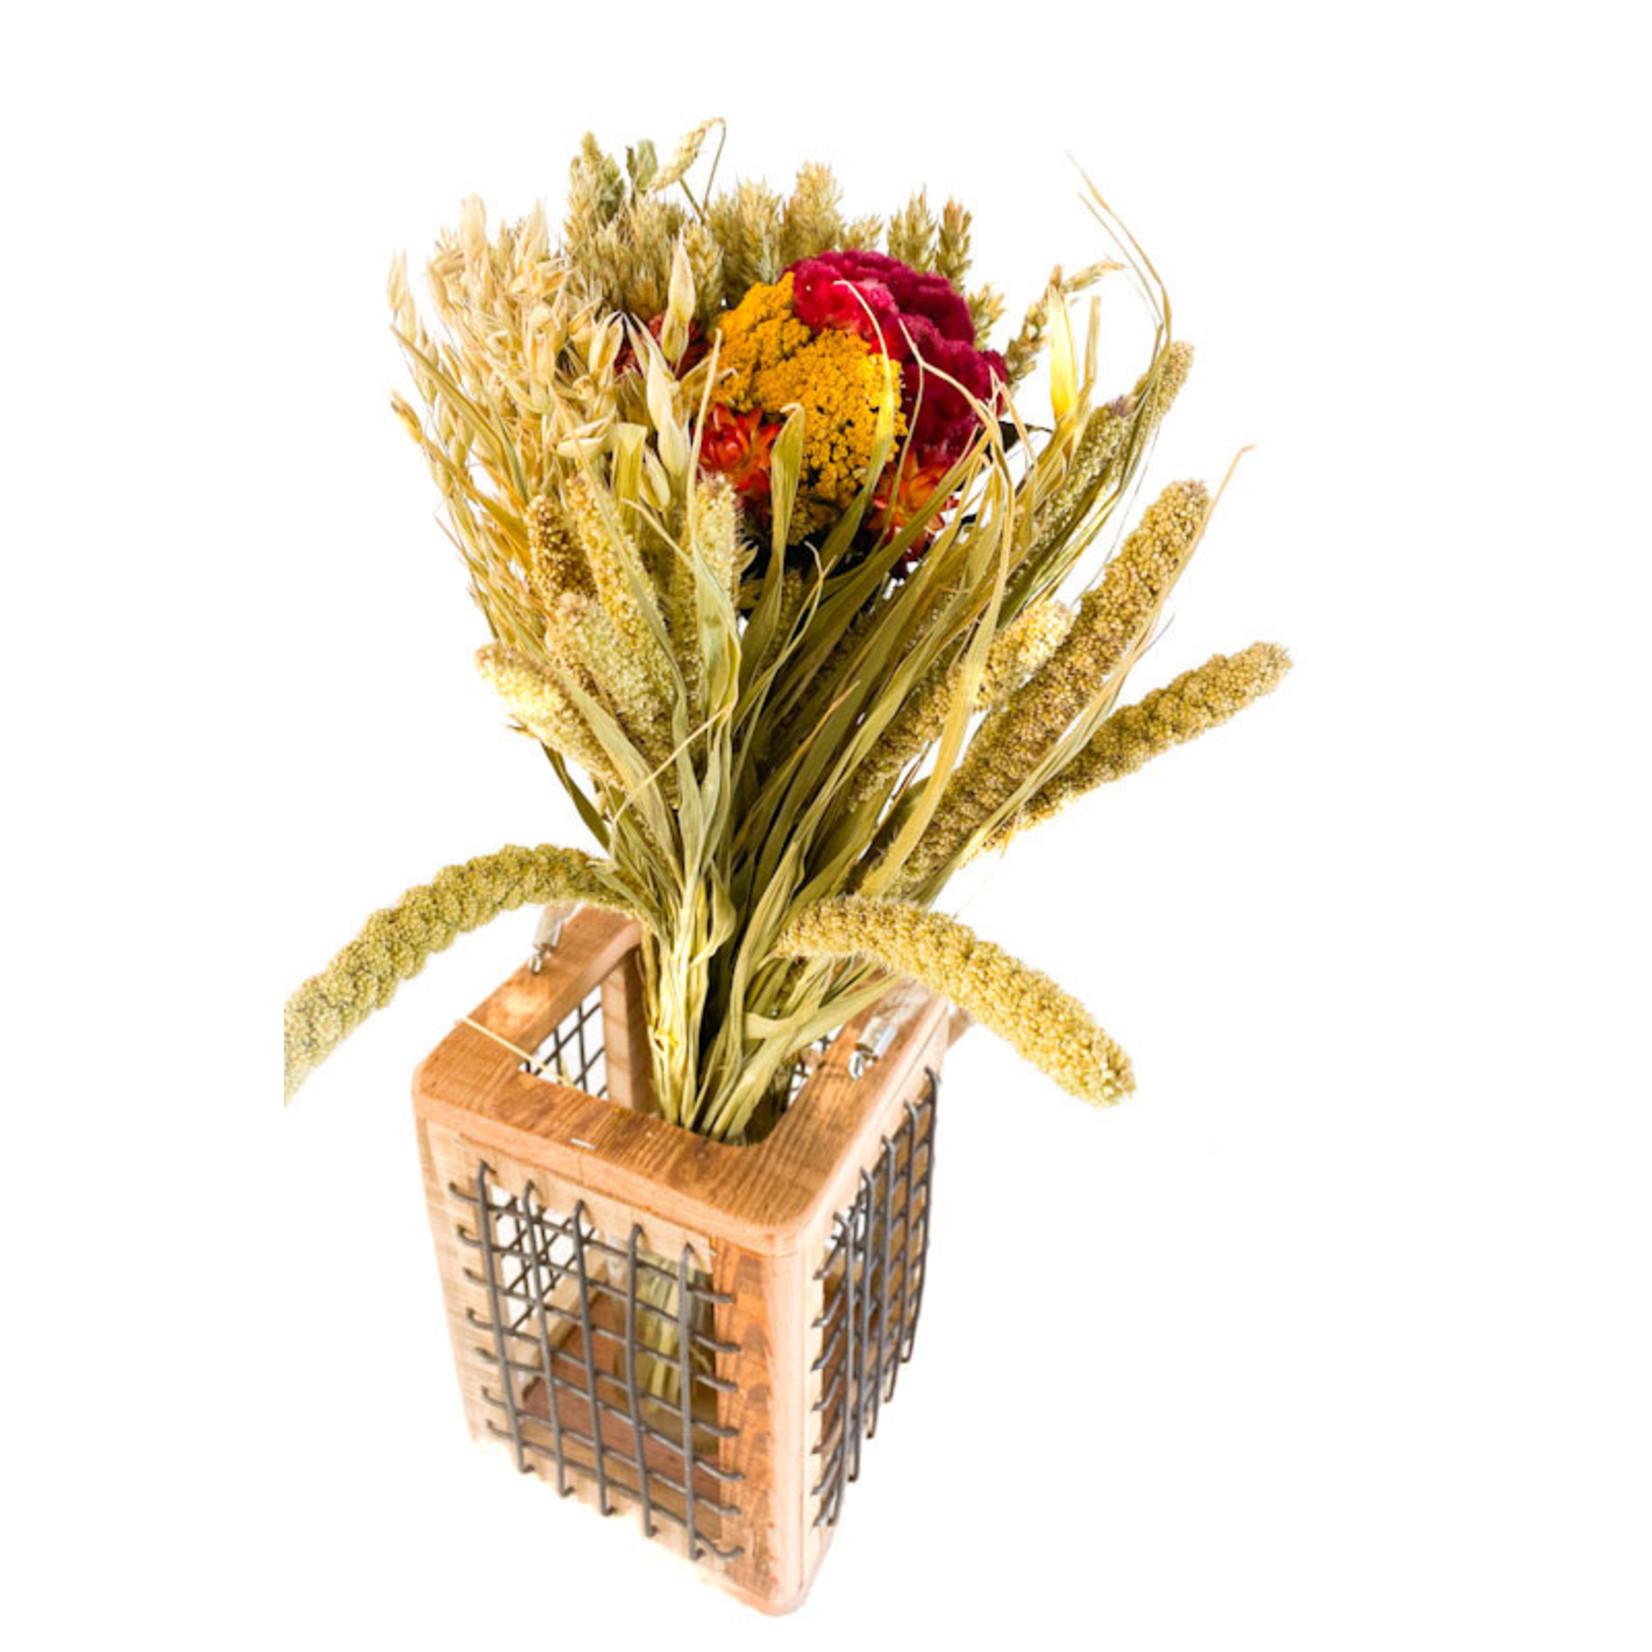 Autumn Round Bouquet - Field Flowers